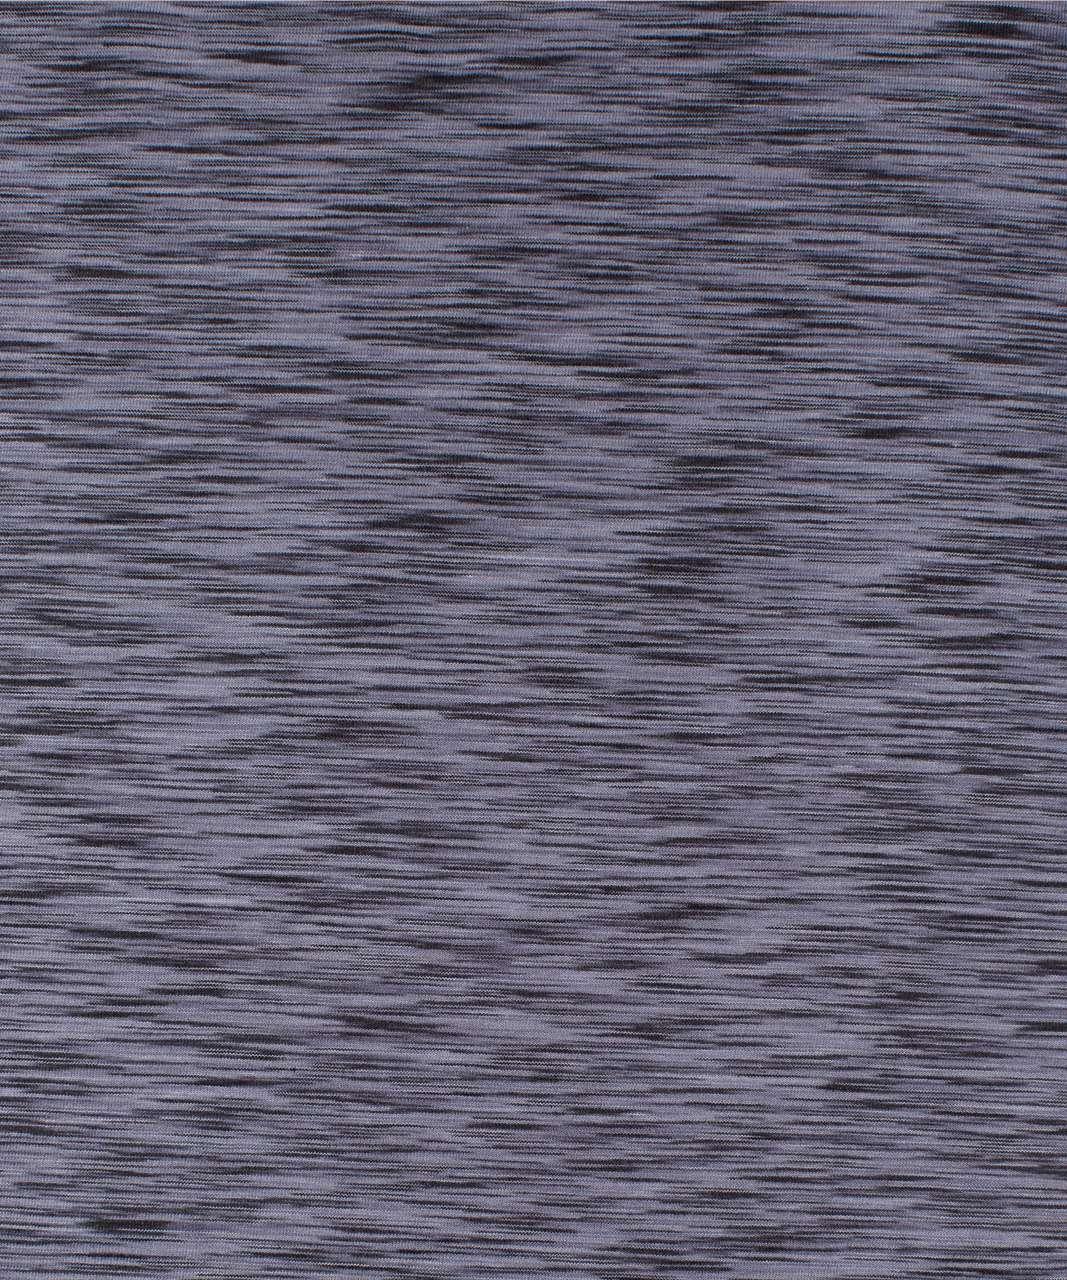 Lululemon Back In Action Long Sleeve - Space Dye Black / Dark Shadow